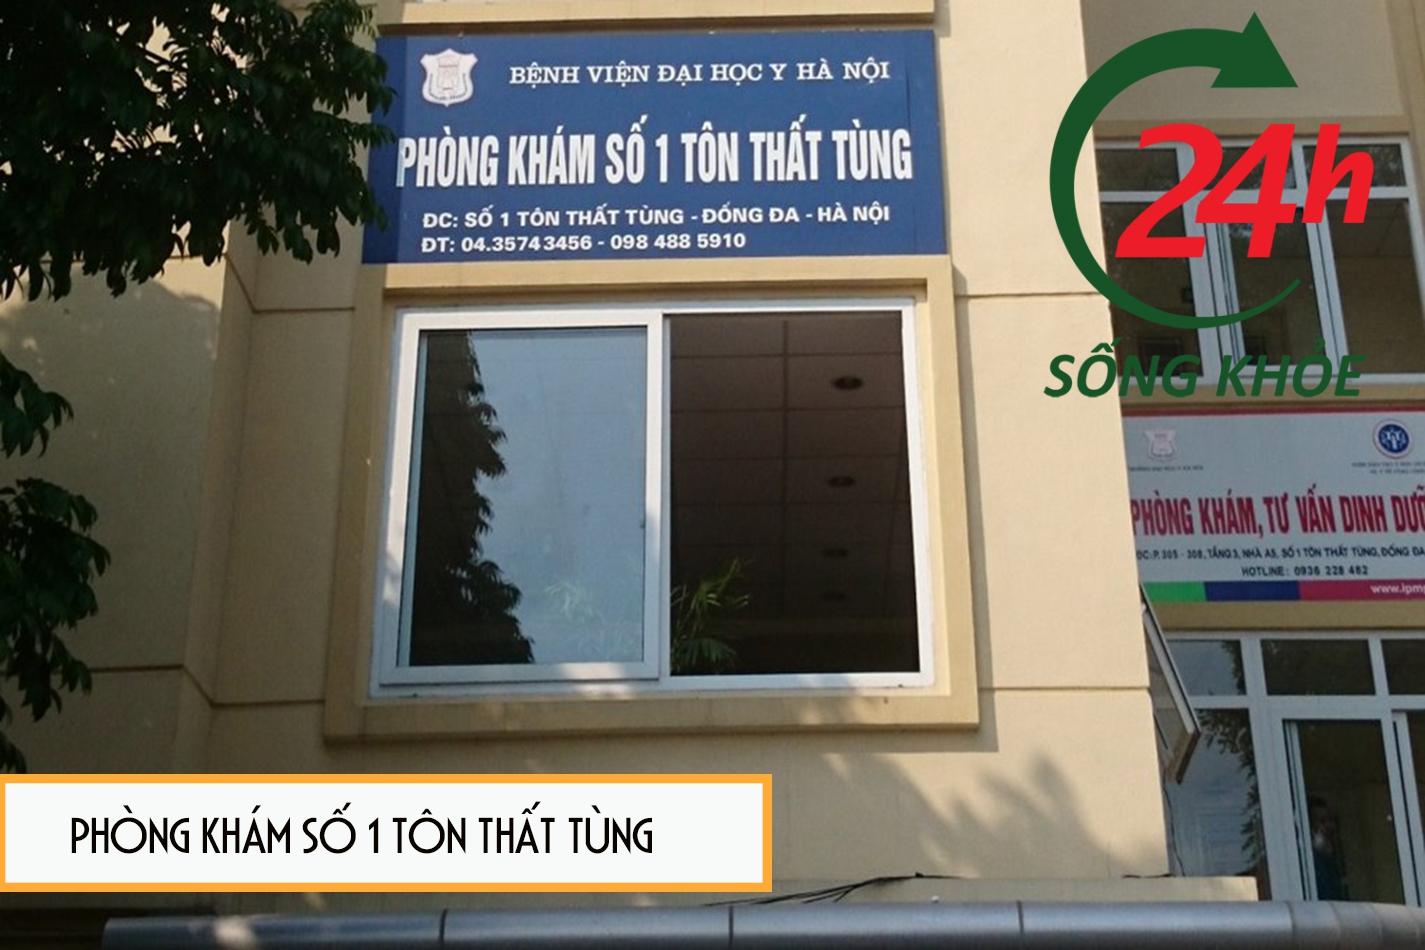 Phòng khám số 1 Tôn Thất Tùng bệnh viện đại học Y Hà Nội